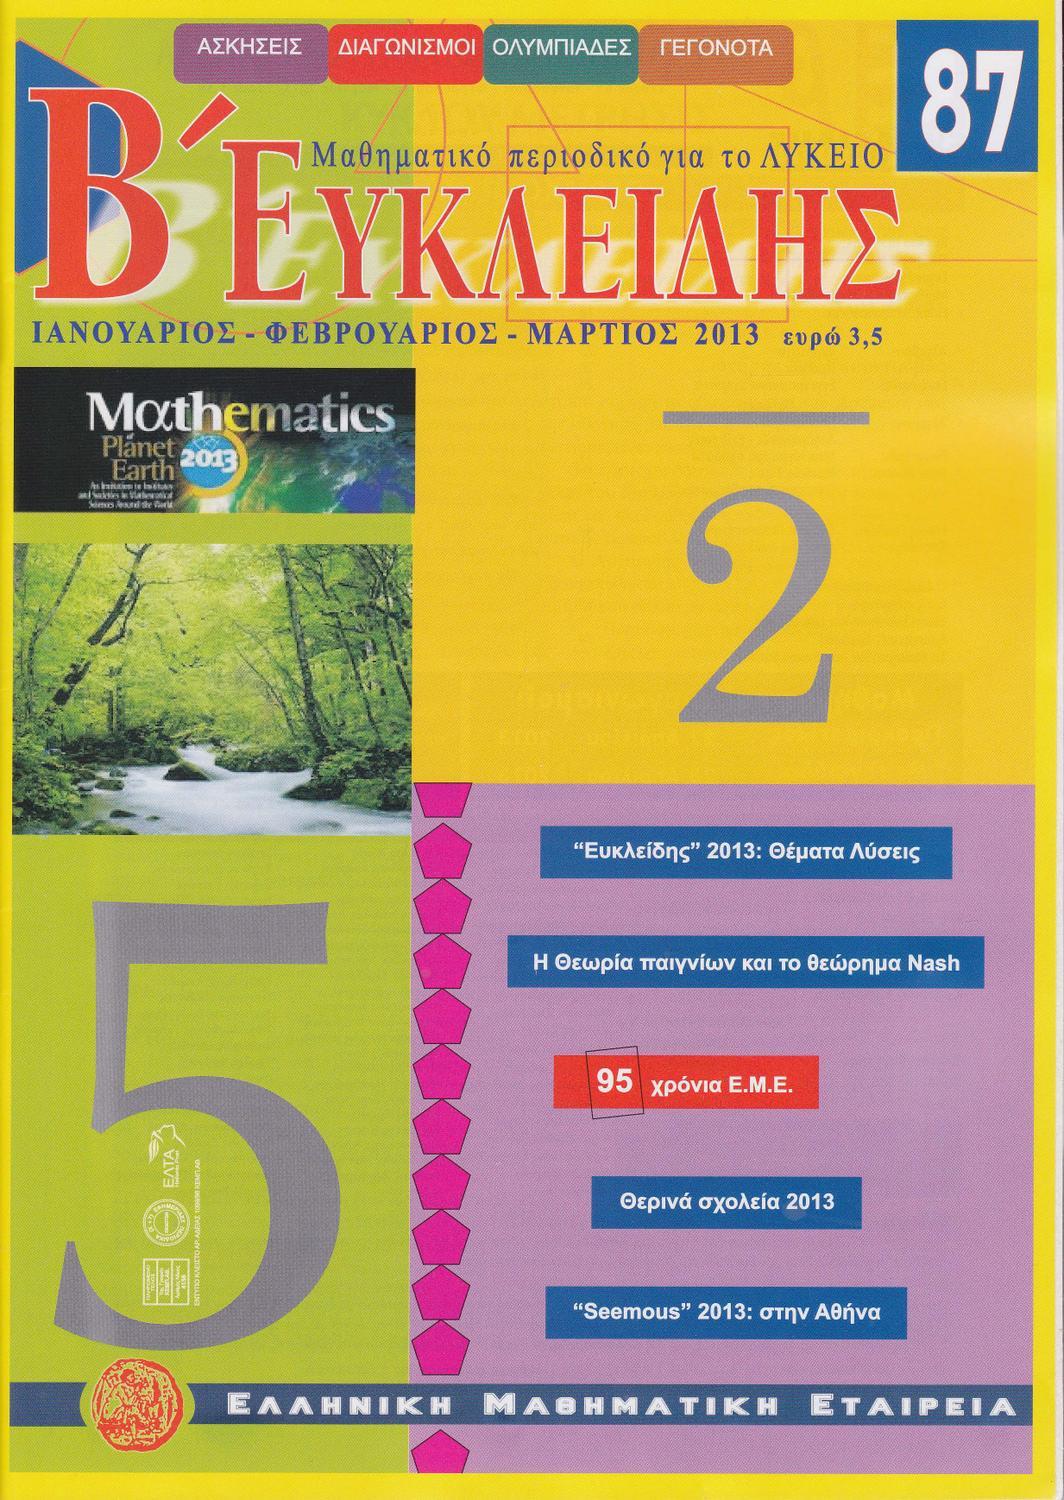 Ελληνική Μαθηματική Εταιρία - Περιοδικό «Ευκλείδης B΄» - τεύχη 13 - 93